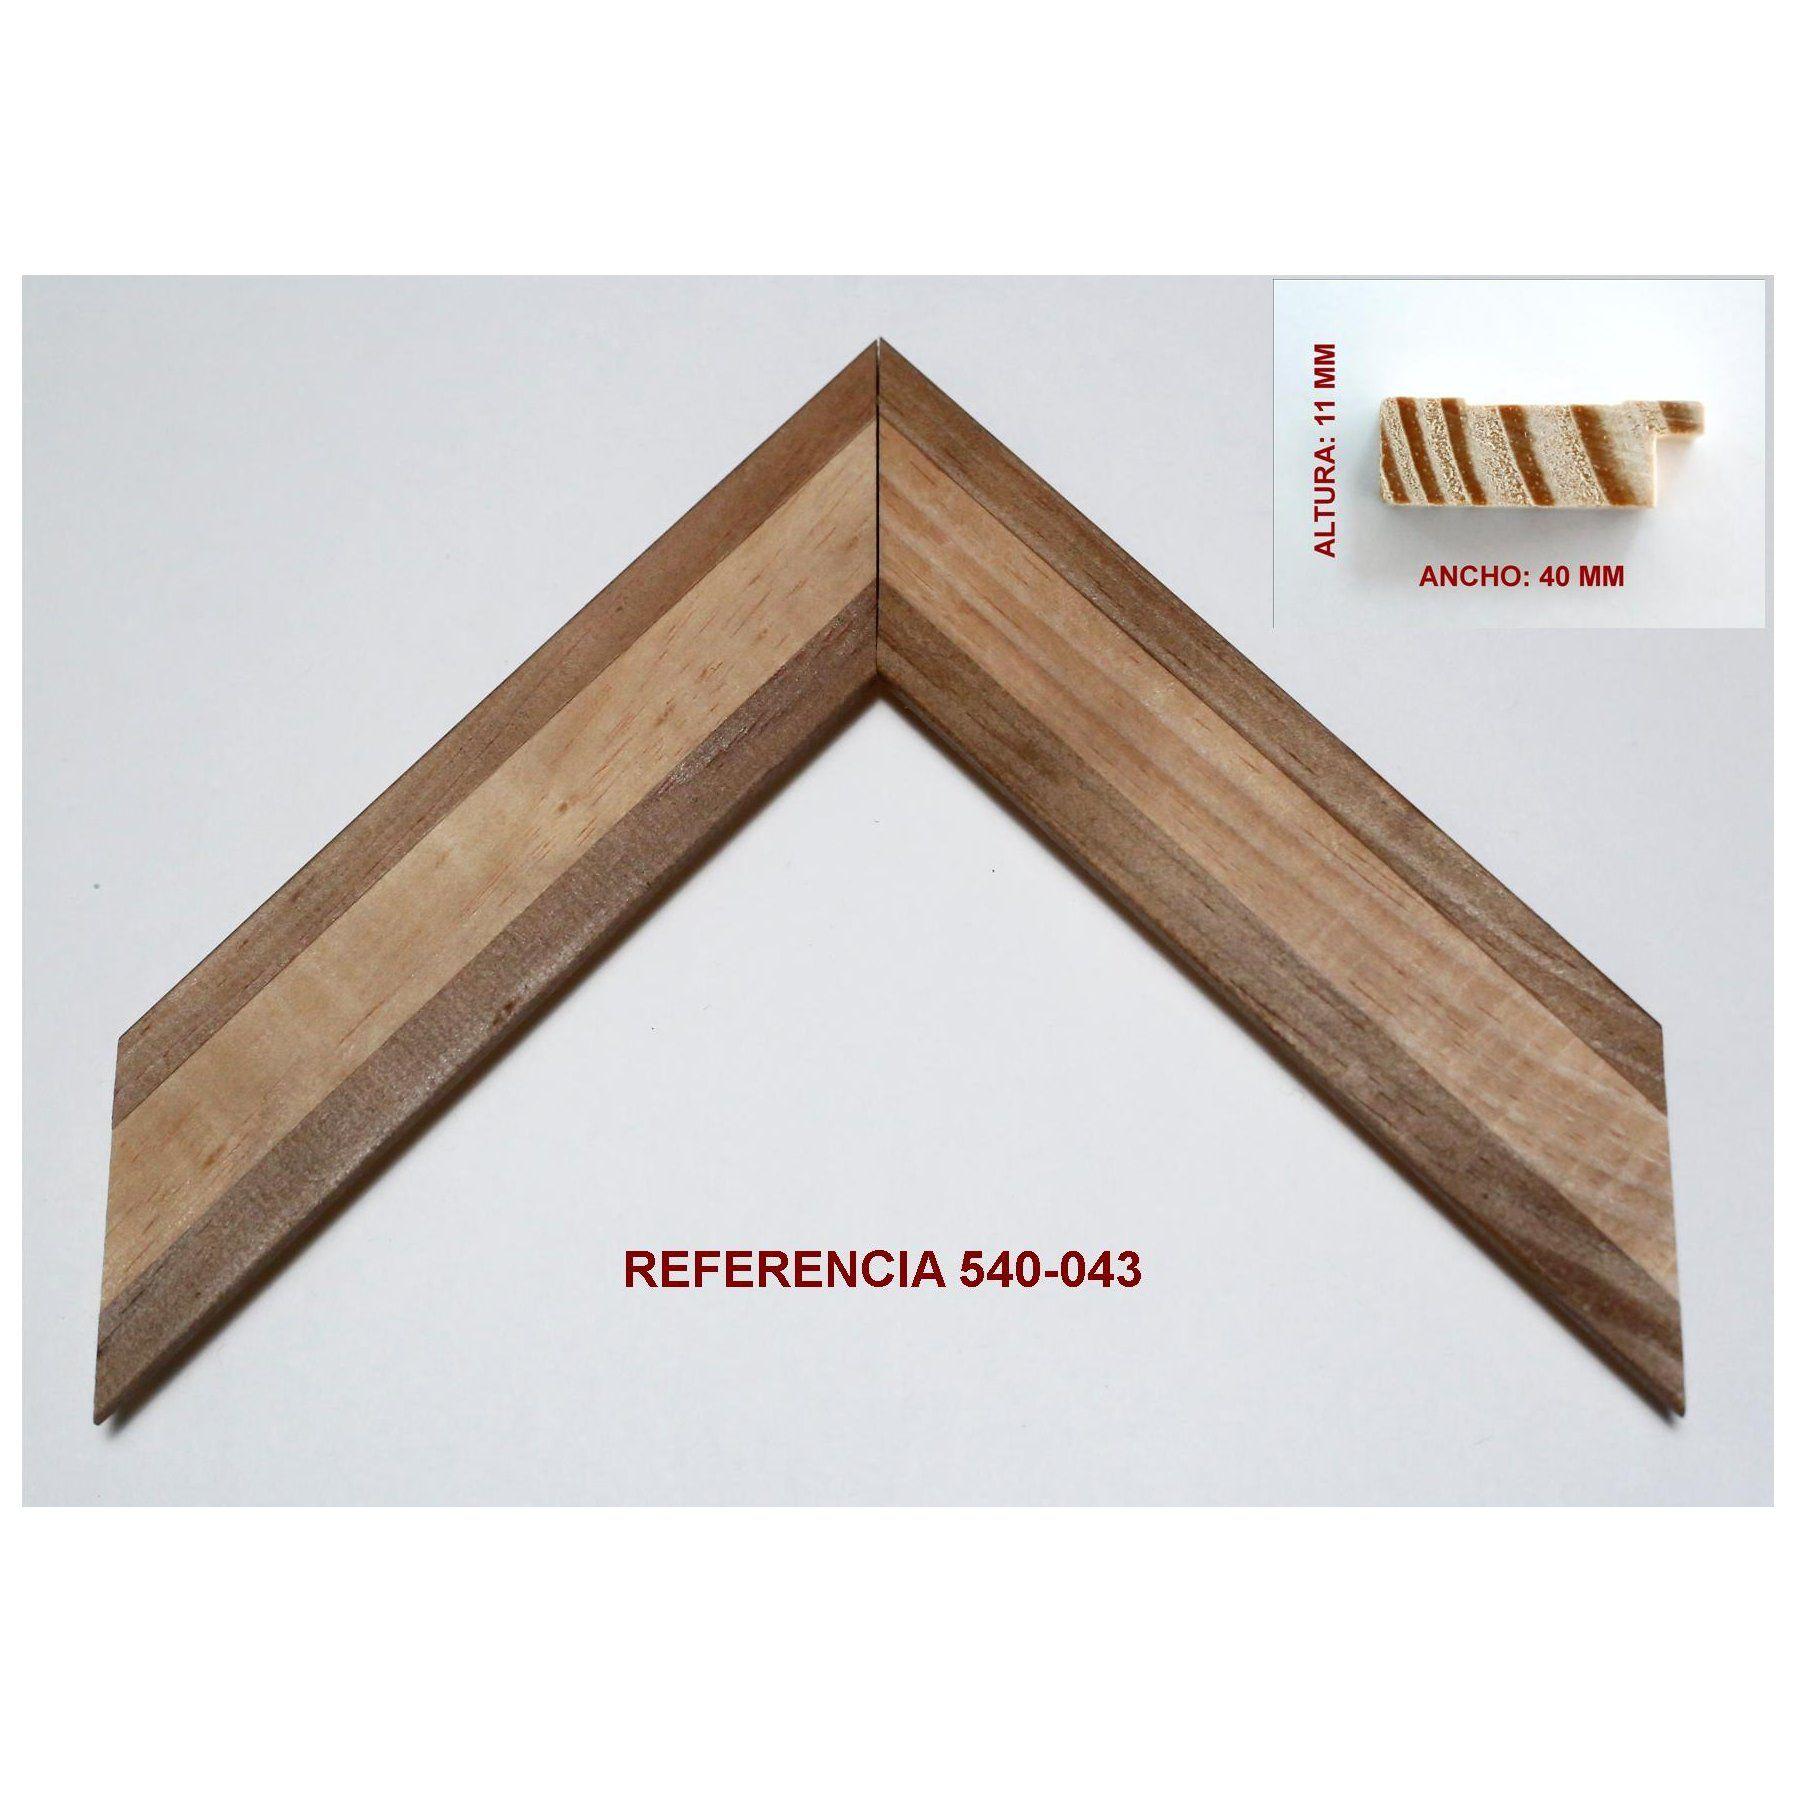 REFERENCIA 540-043: Muestrario de Moldusevilla